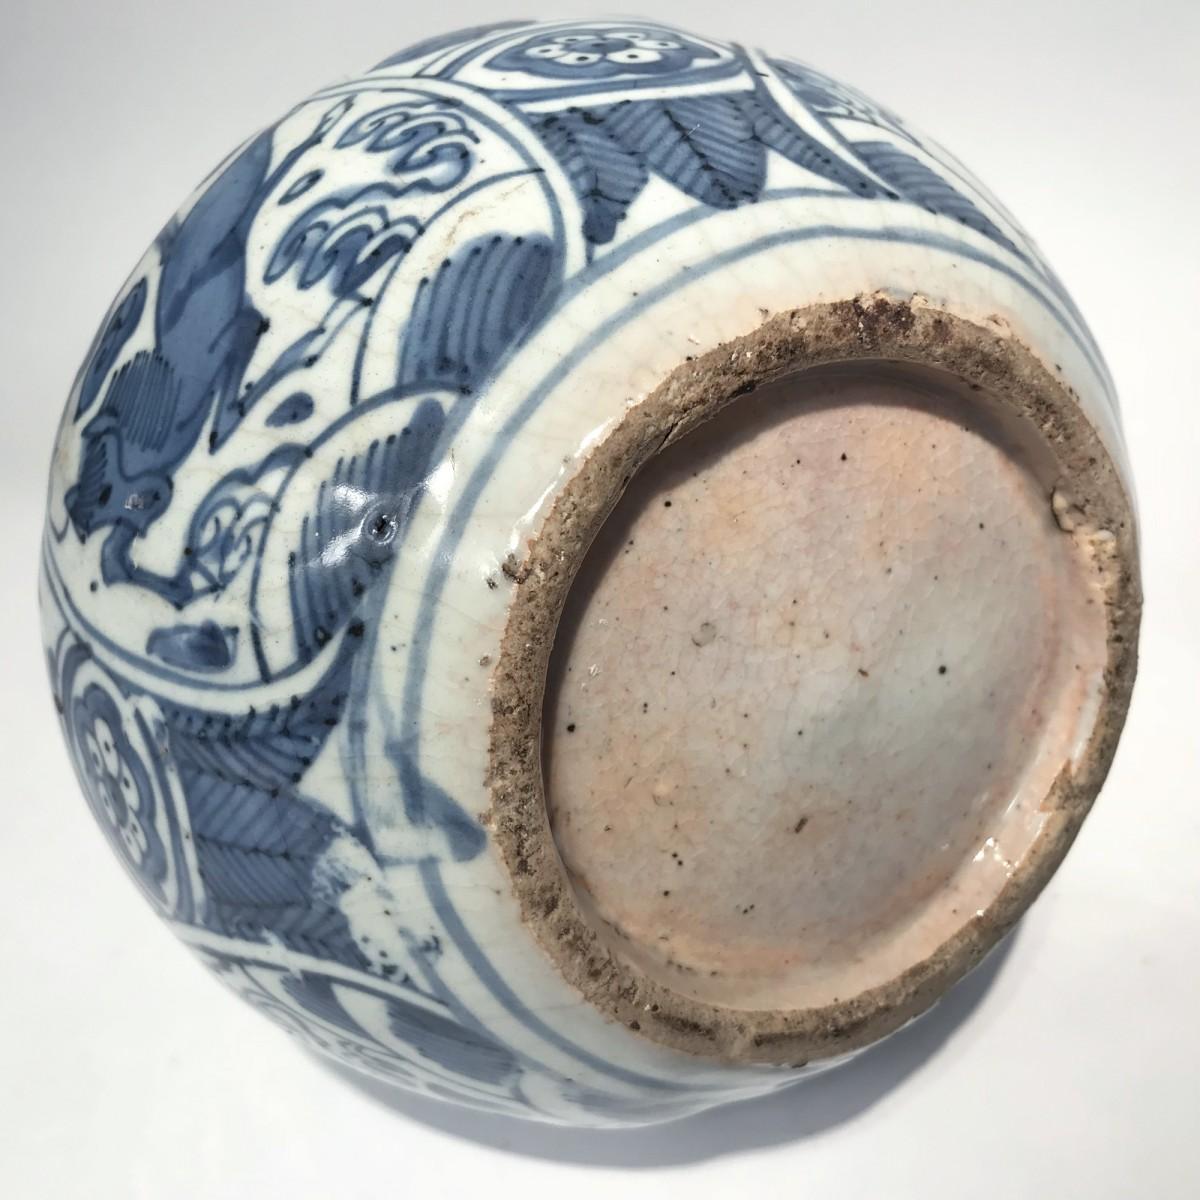 Paris Porcelain Art Nouveau Period Lamp Chinese Taste: Double-gourd Porcelain Vase